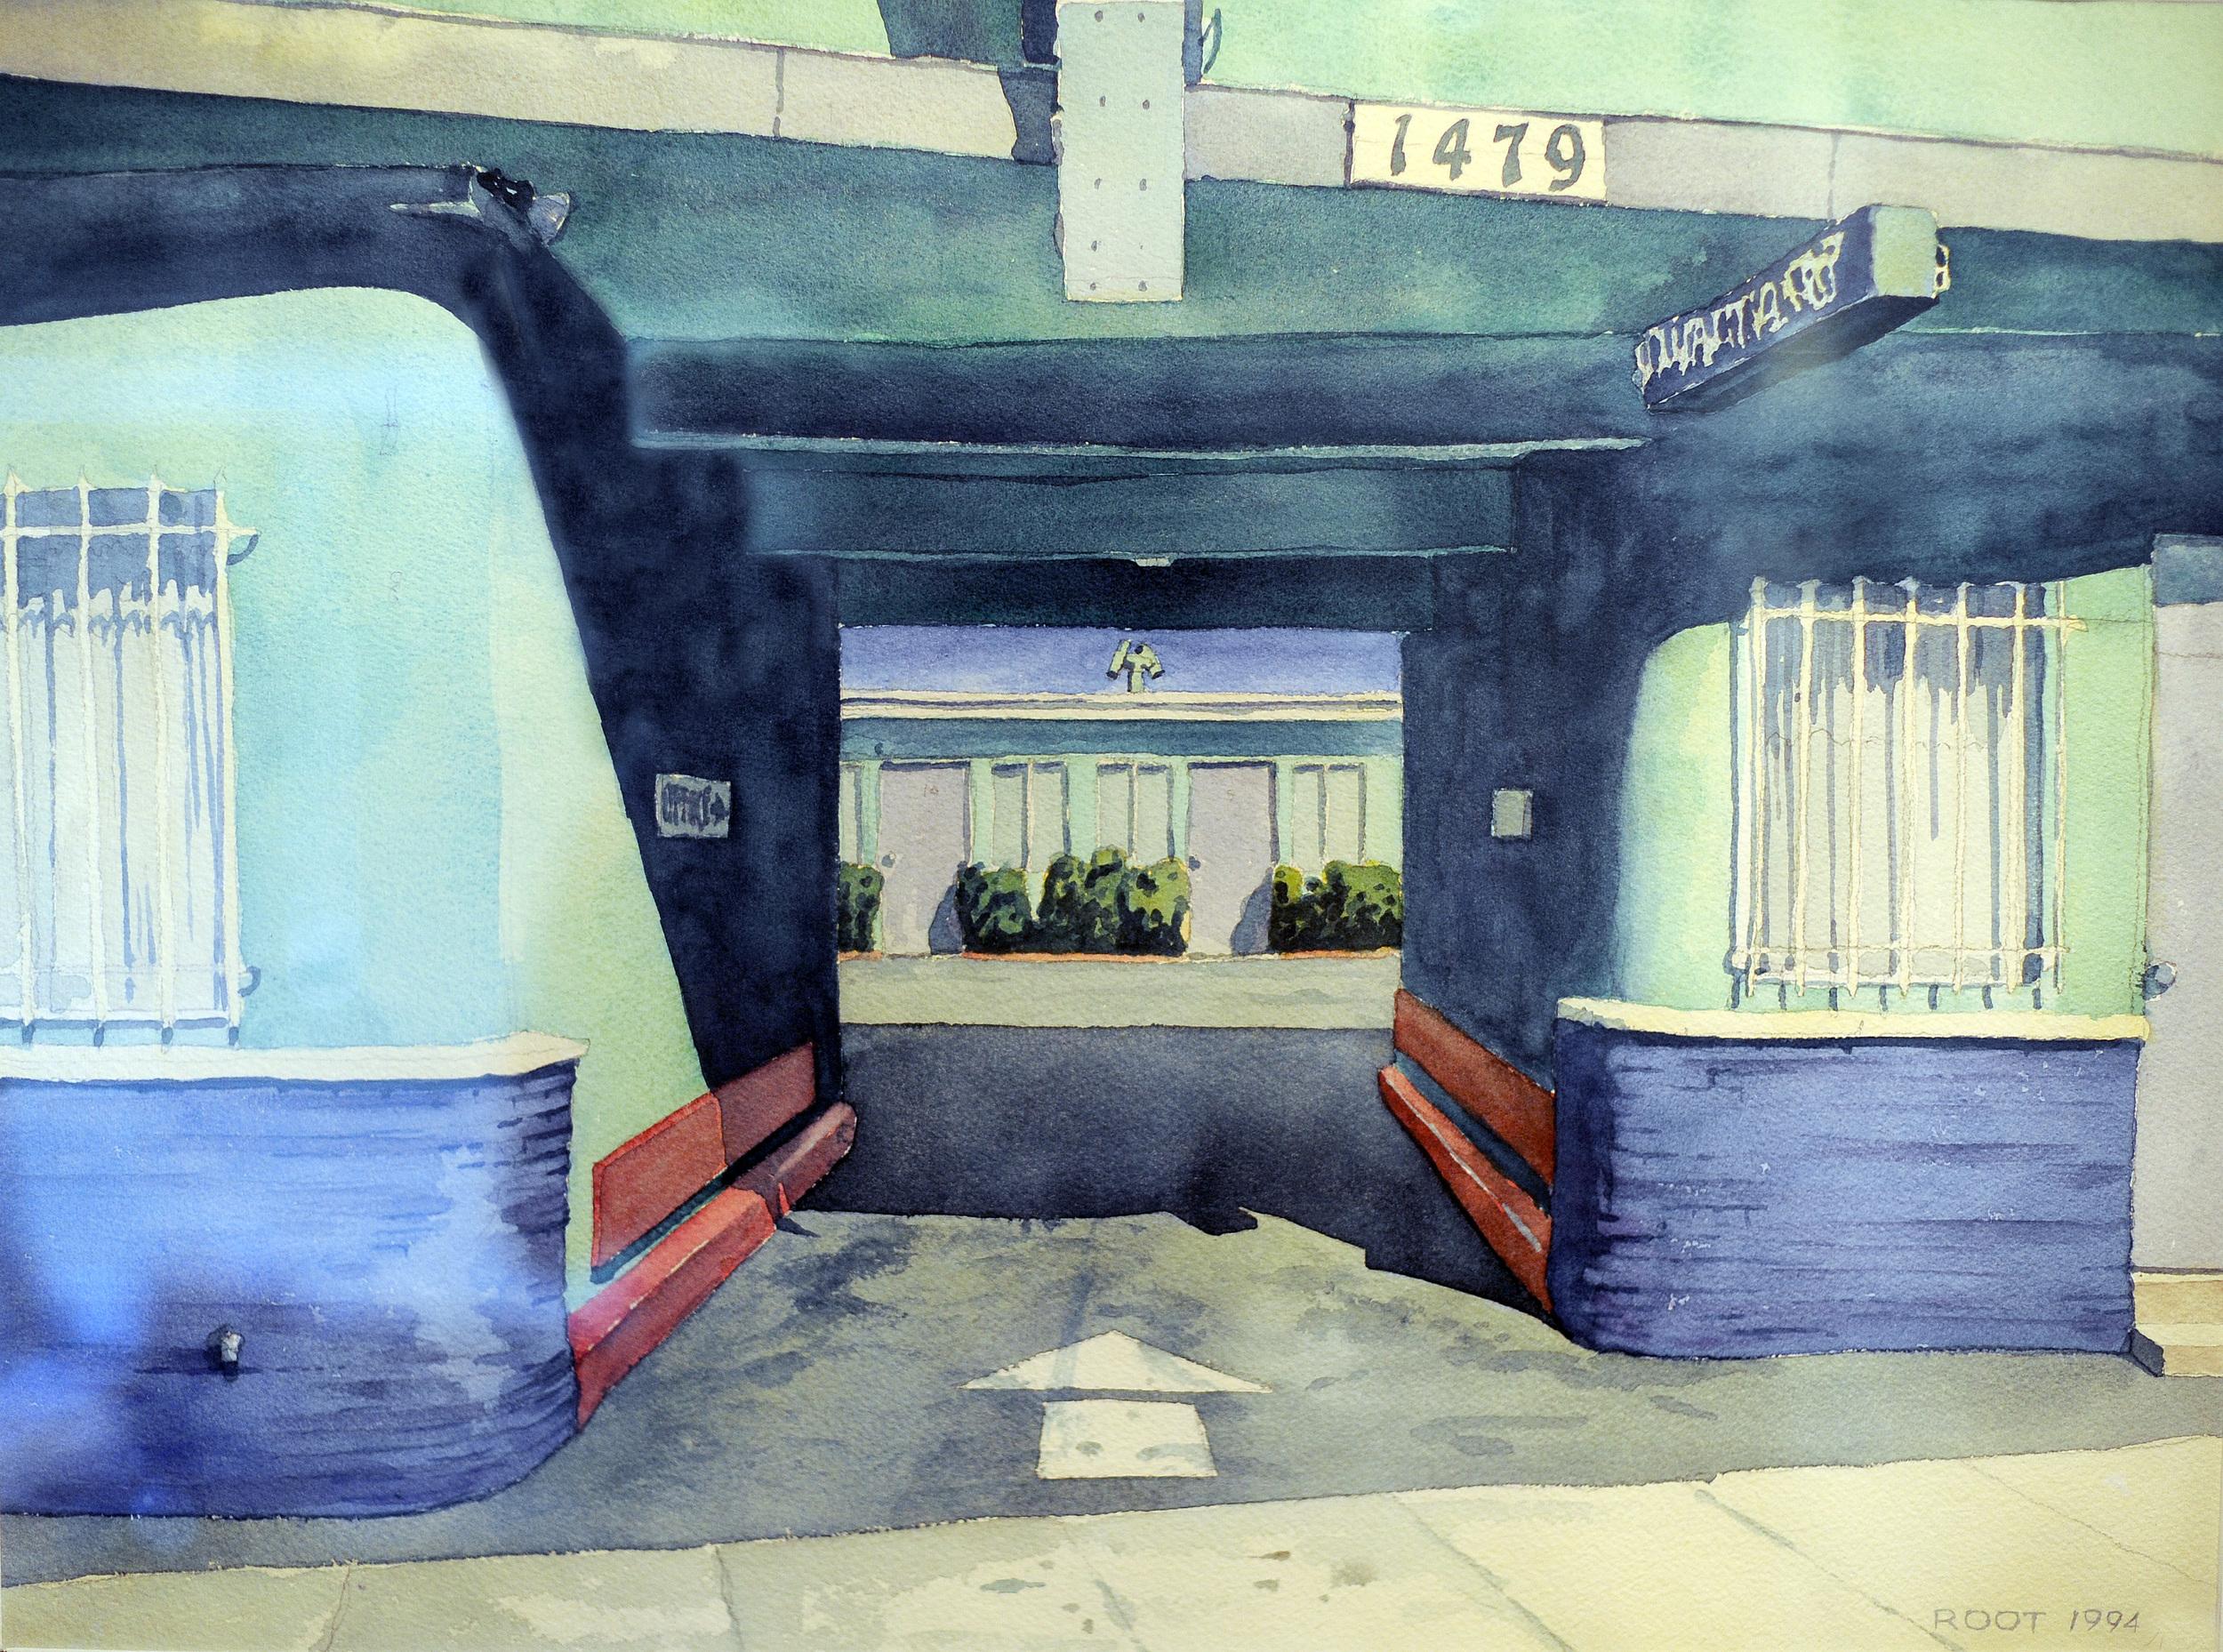 La Cieniga Motel, LA